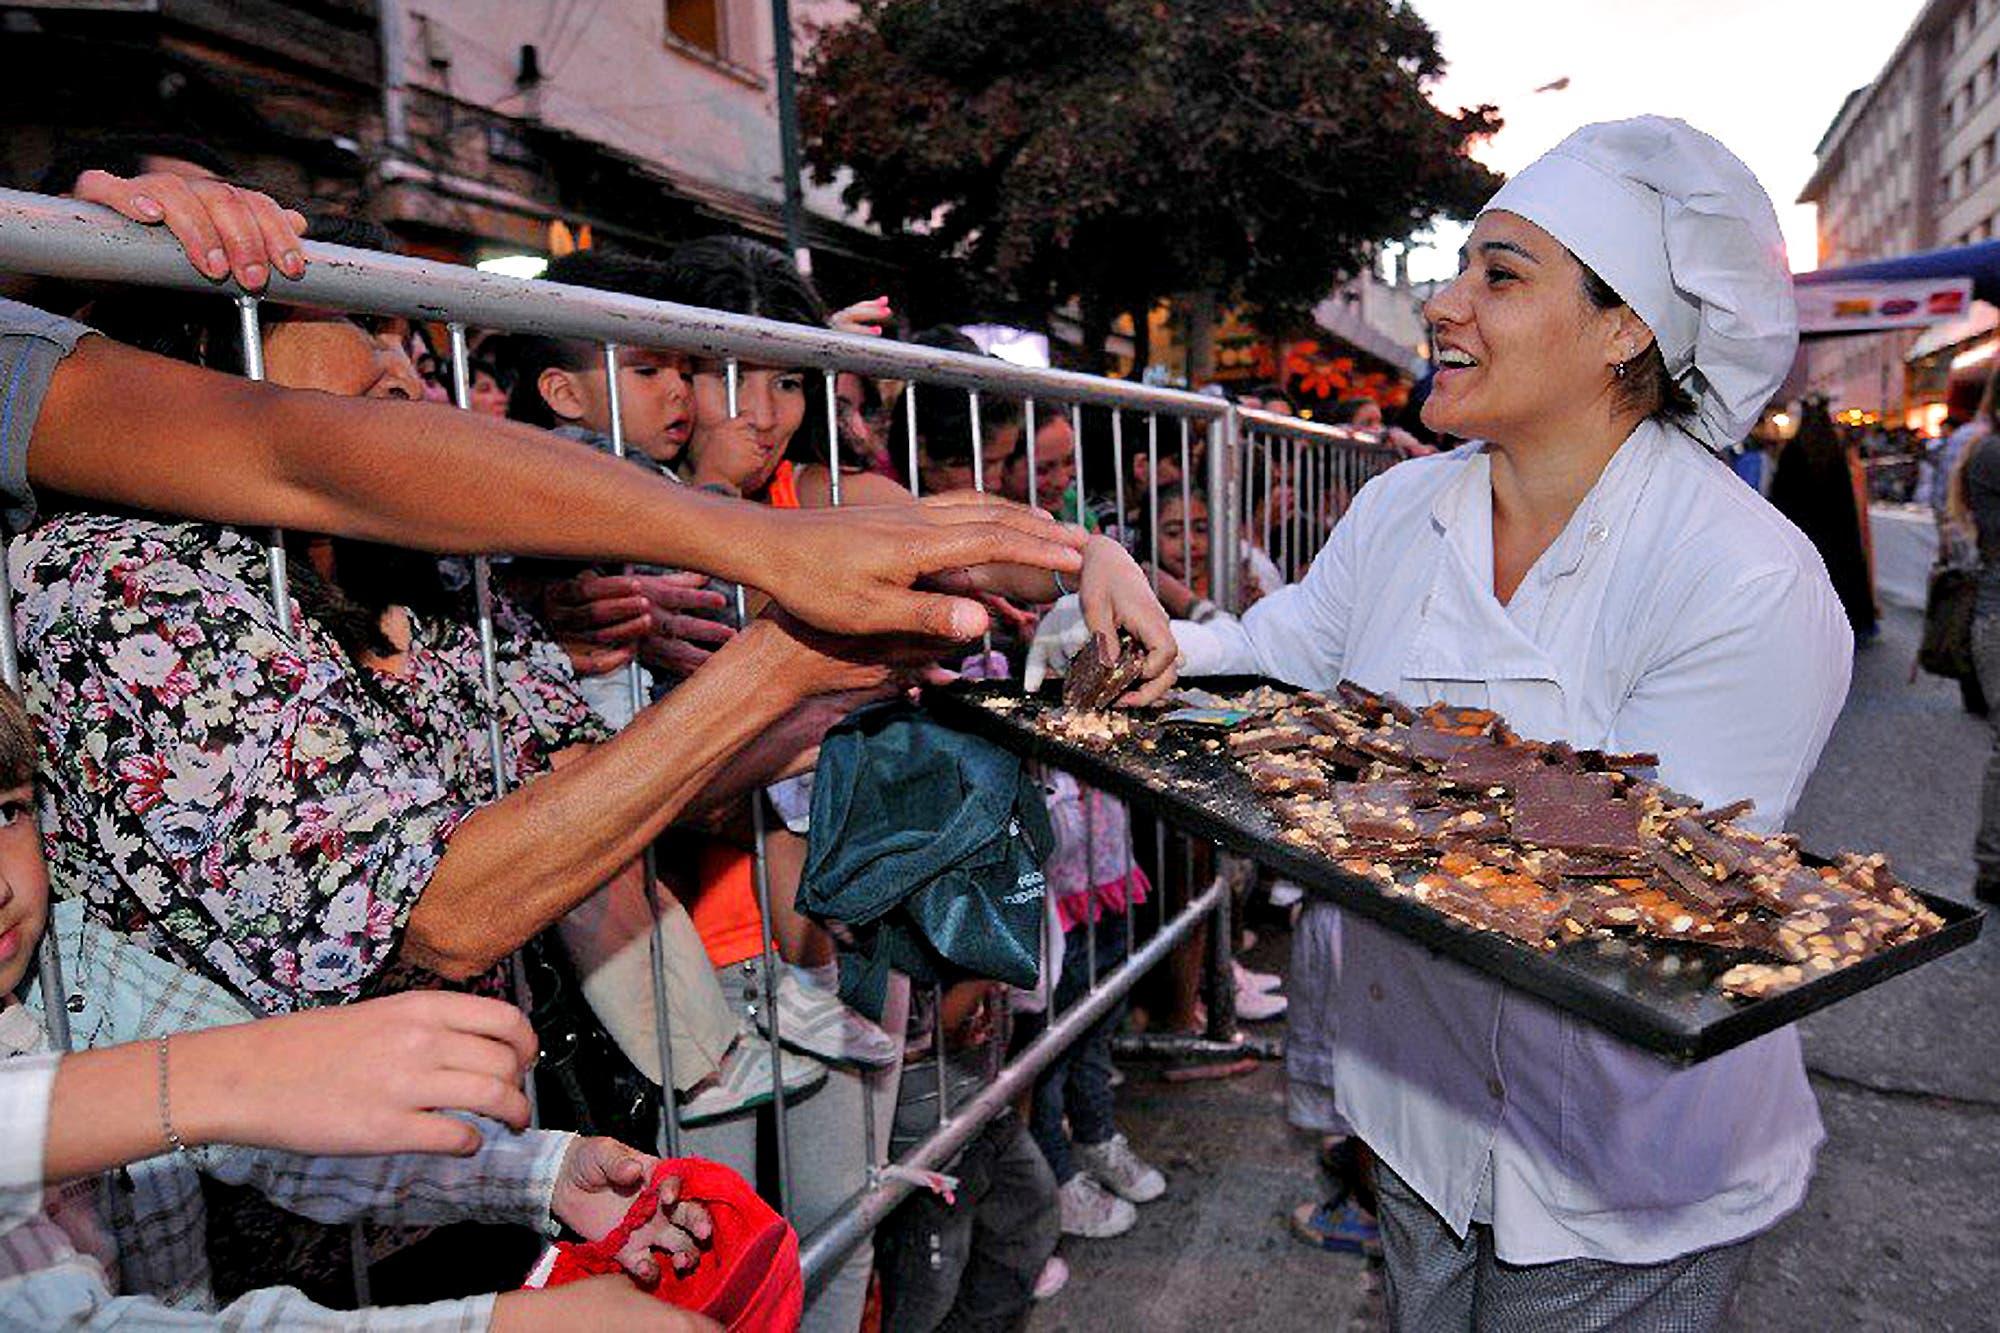 Bariloche busca batir el récord mundial con una barra de chocolate de 200 metros de largo